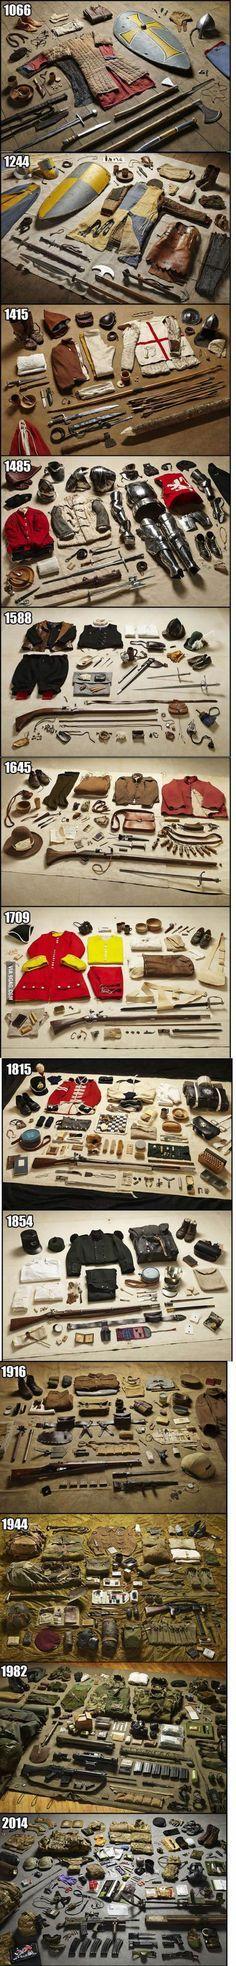 historia del equipamiento militar